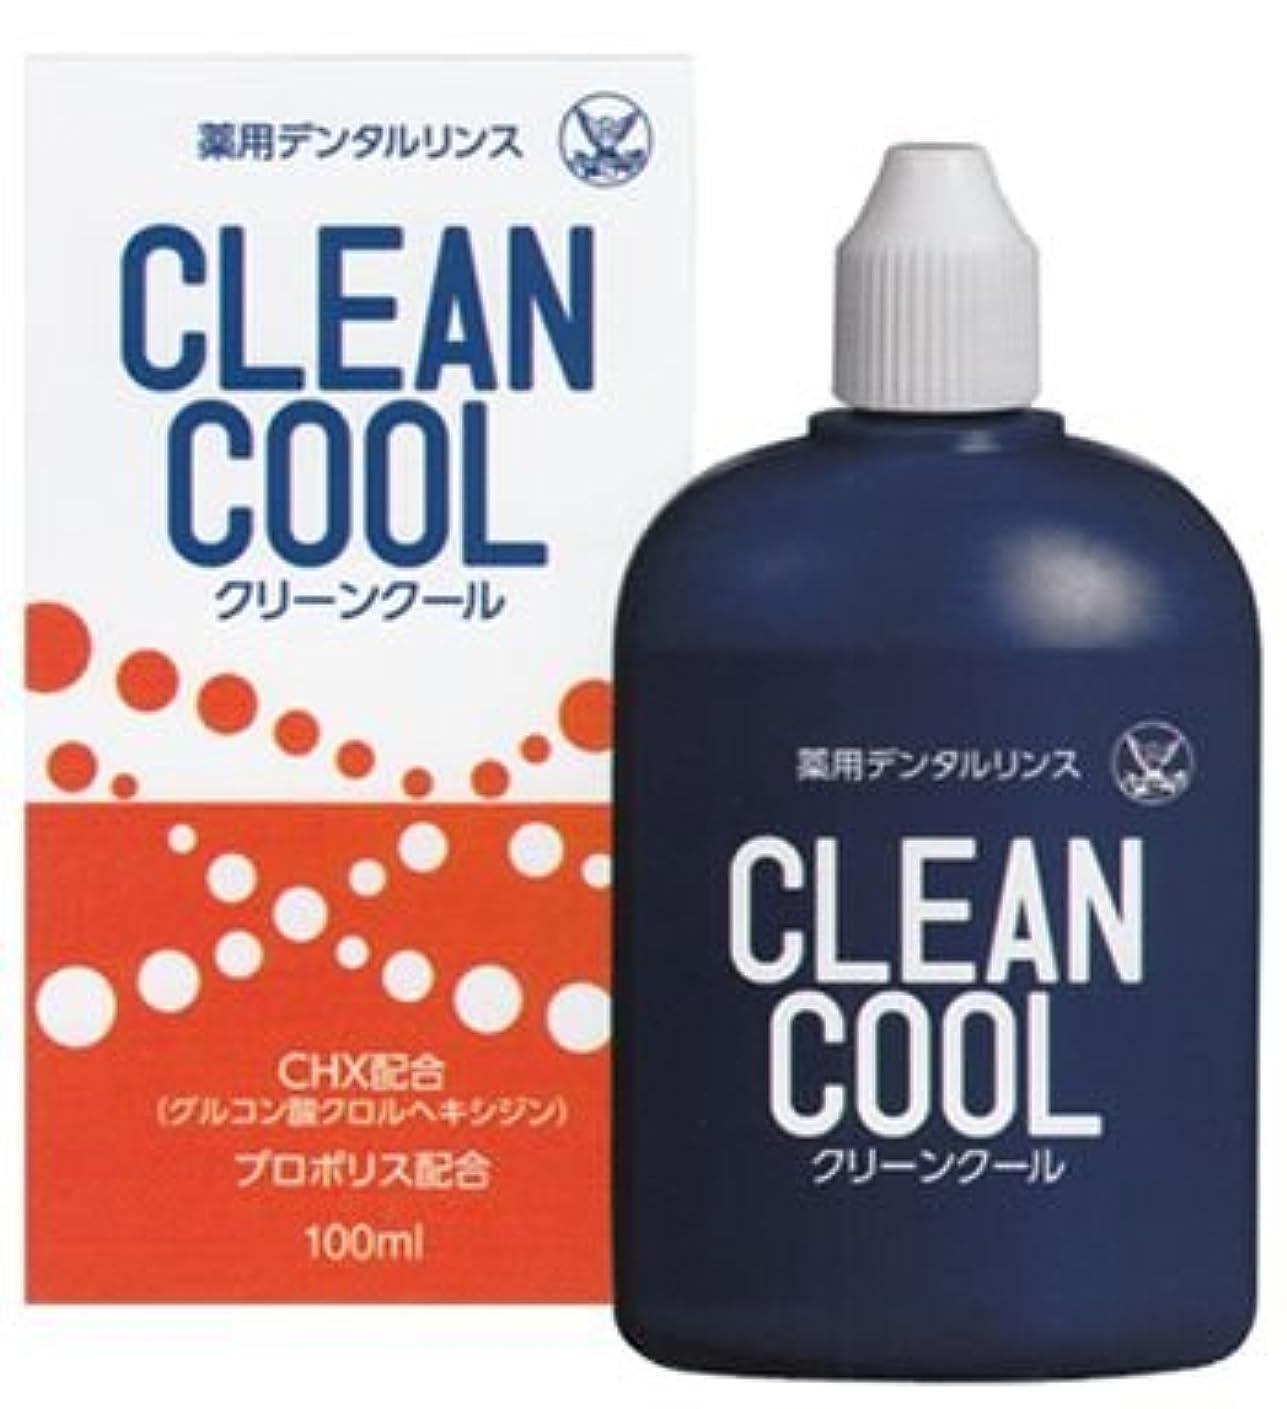 回路換気するオーディション薬用デンタルリンス クリーンクール (CLEAN COOL) 洗口液 100ml